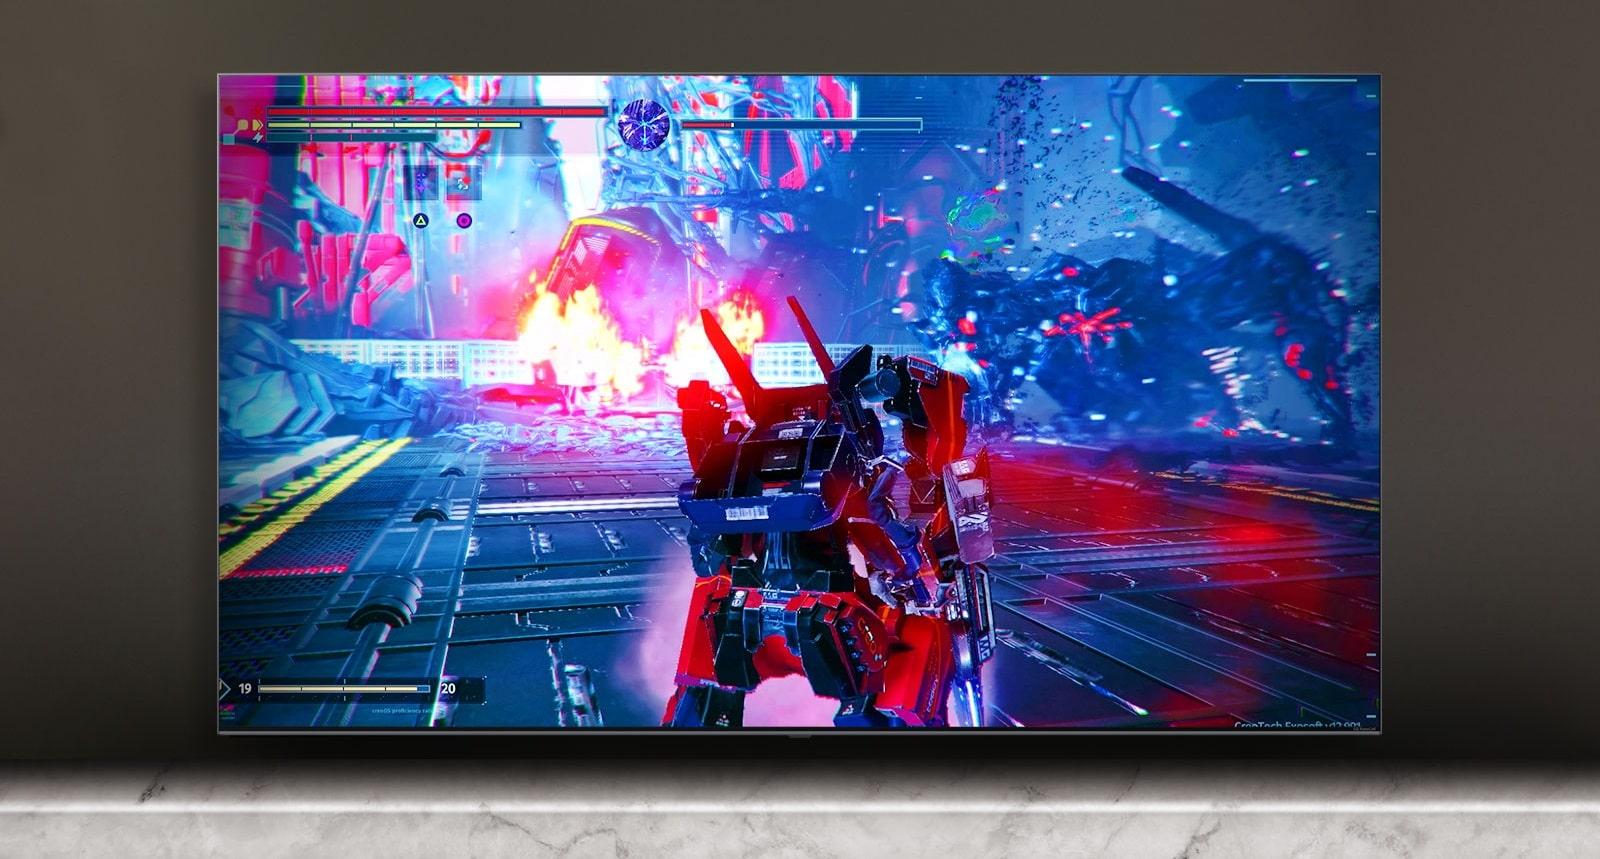 نقاط ضعف و قوت تلویزیون 55 اینچ ال جی مدل CX